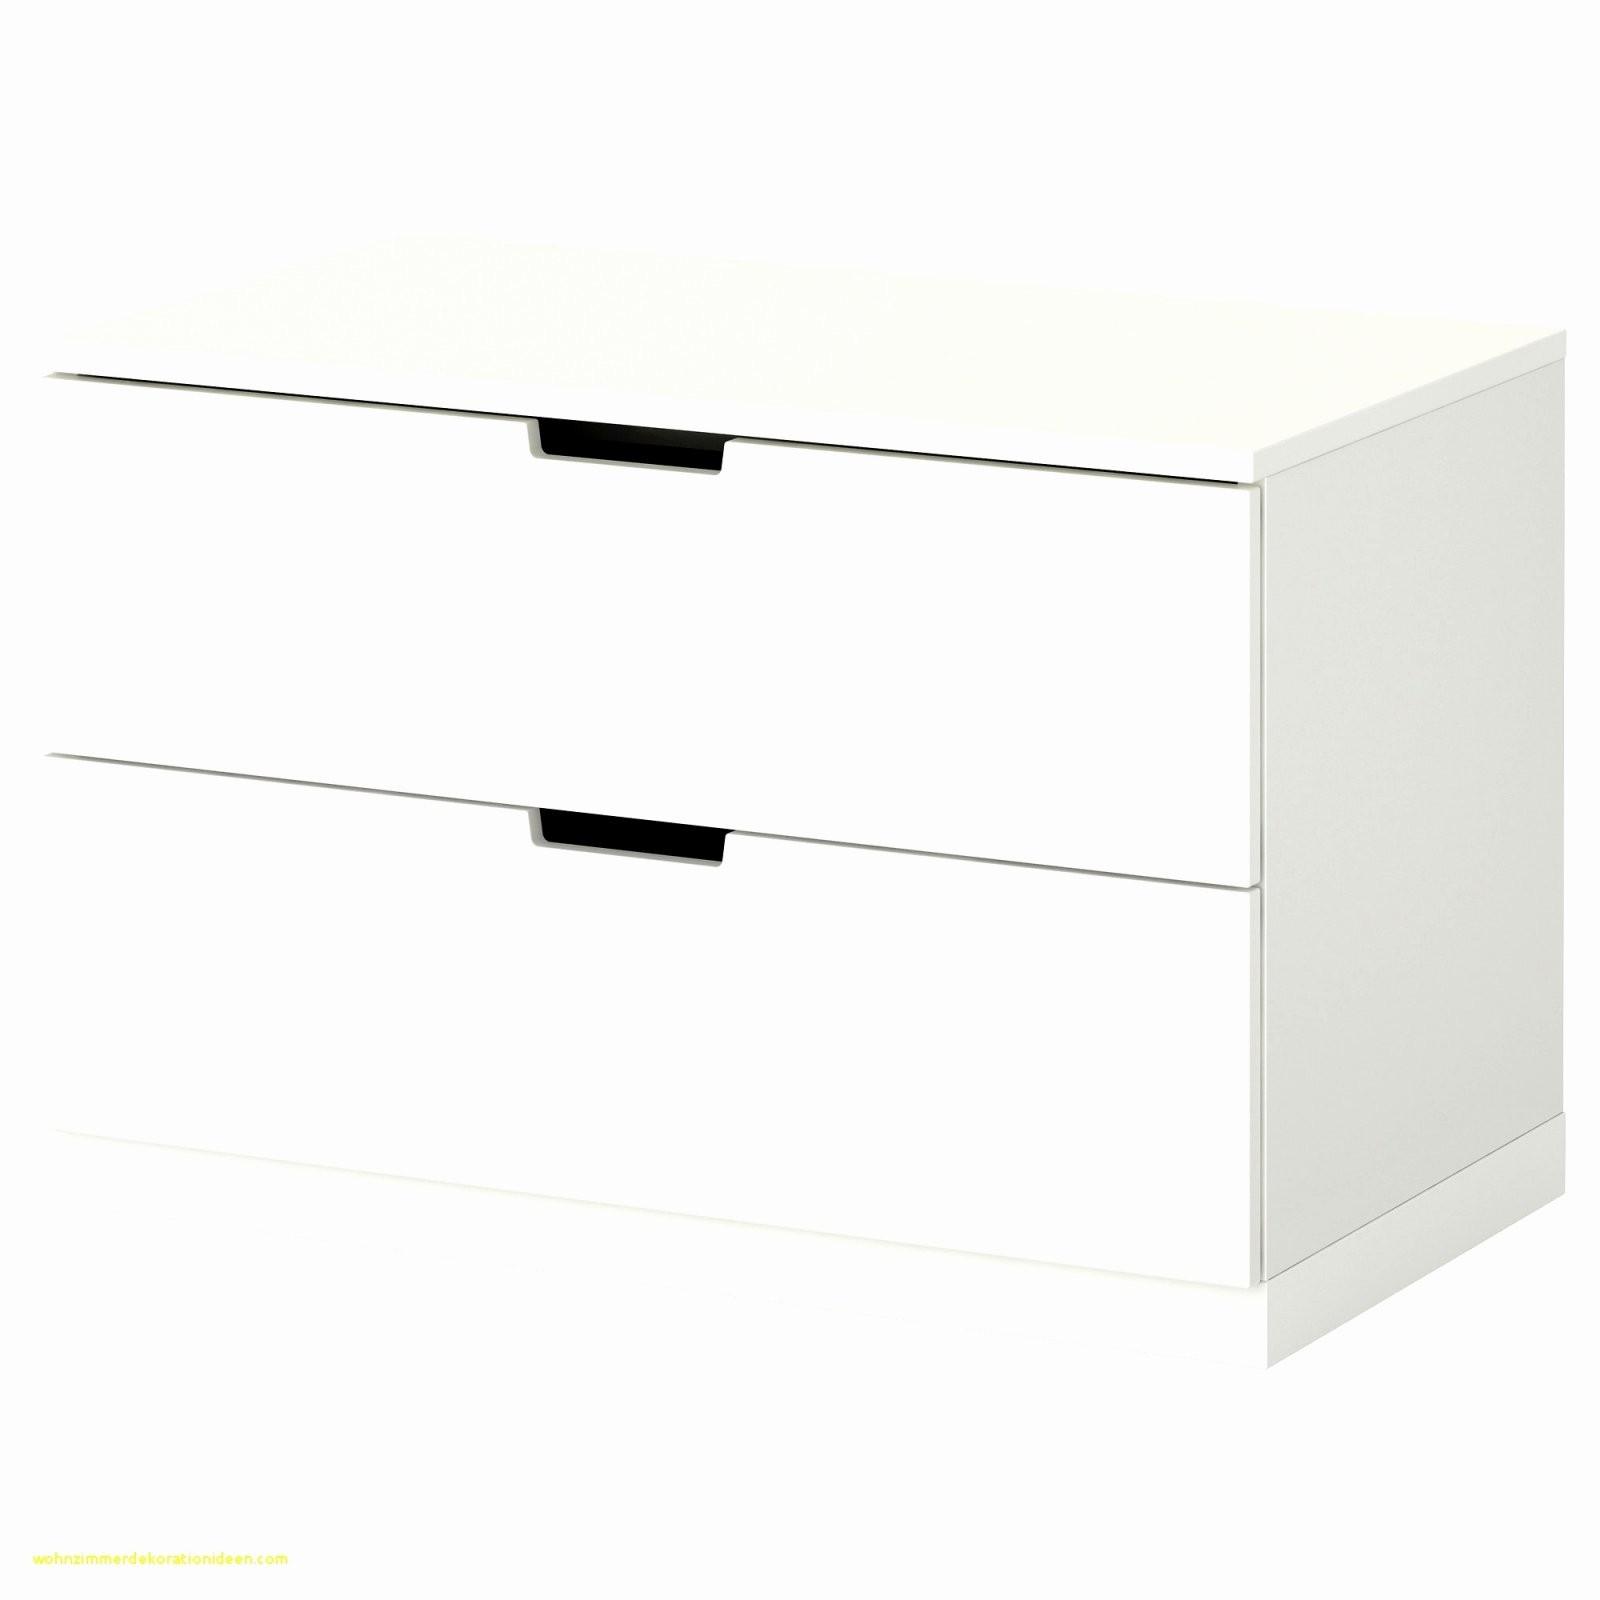 Schrank 30 Cm Tief 50 Cm Breit  Cabinetworlddesign von Flurkommode 30 Cm Tief Photo